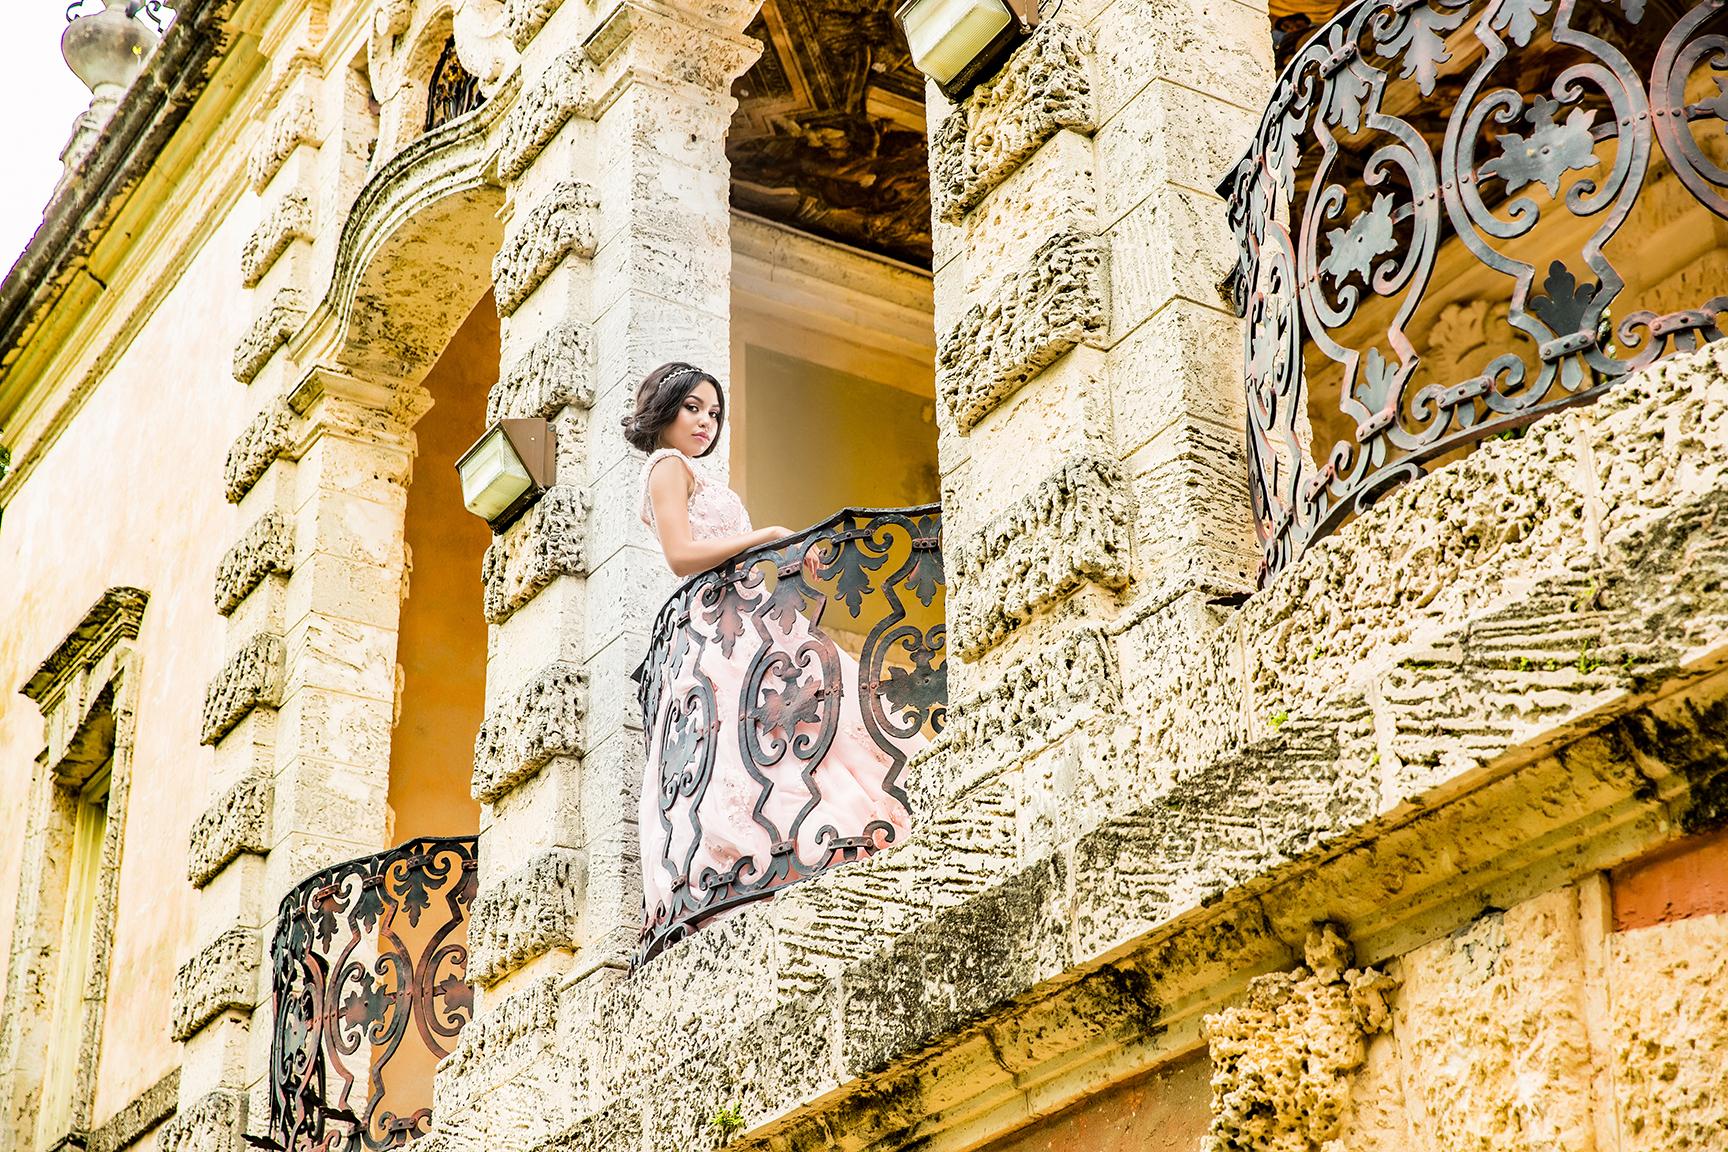 DBatista_Photography_Vizcaya_Miami_Fotografos_En_Miami_Quinceañeras_Vizcaya_Museum_&_Gardens_Miami_M